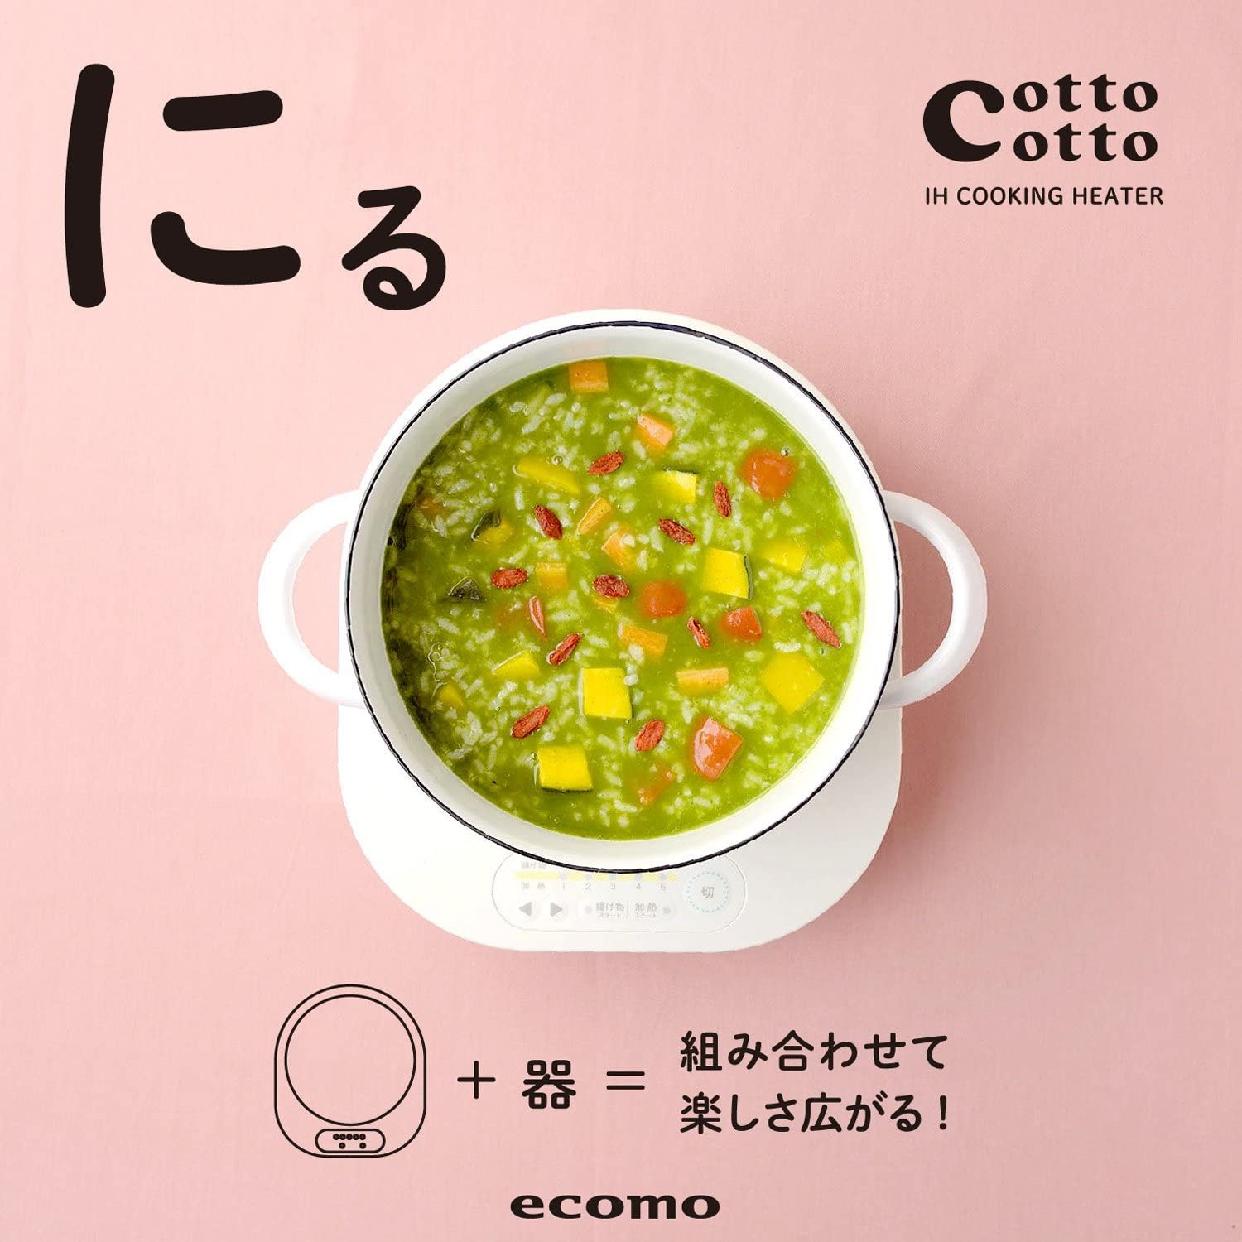 cotto cotto(コットコット) IHにるセット ホワイト(WT) AIM-CT101の商品画像5